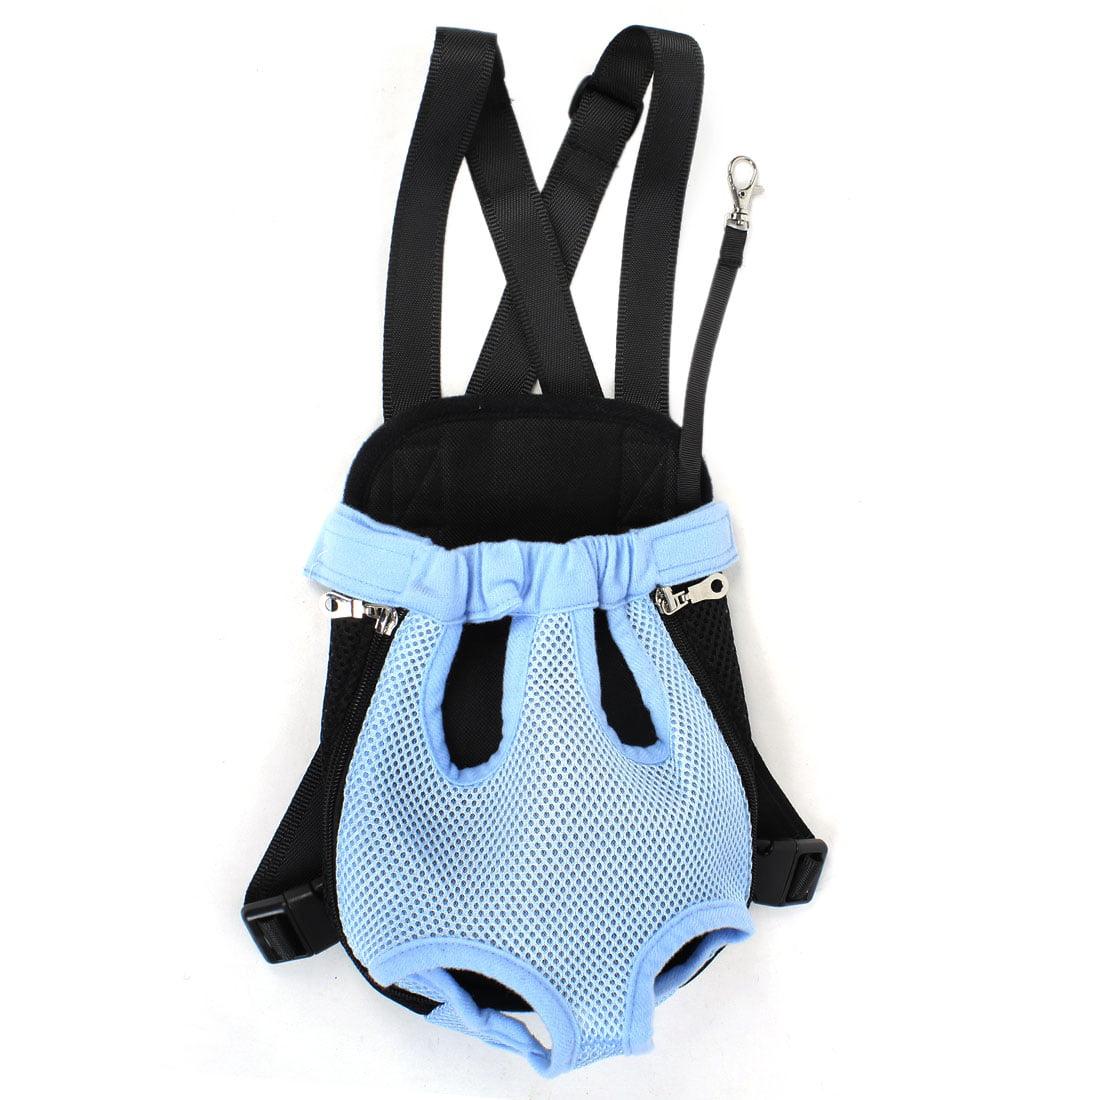 Unique Bargains Meshy Zipper Closure Release Buckle Pet Dog Backpack Bag S Black Blue